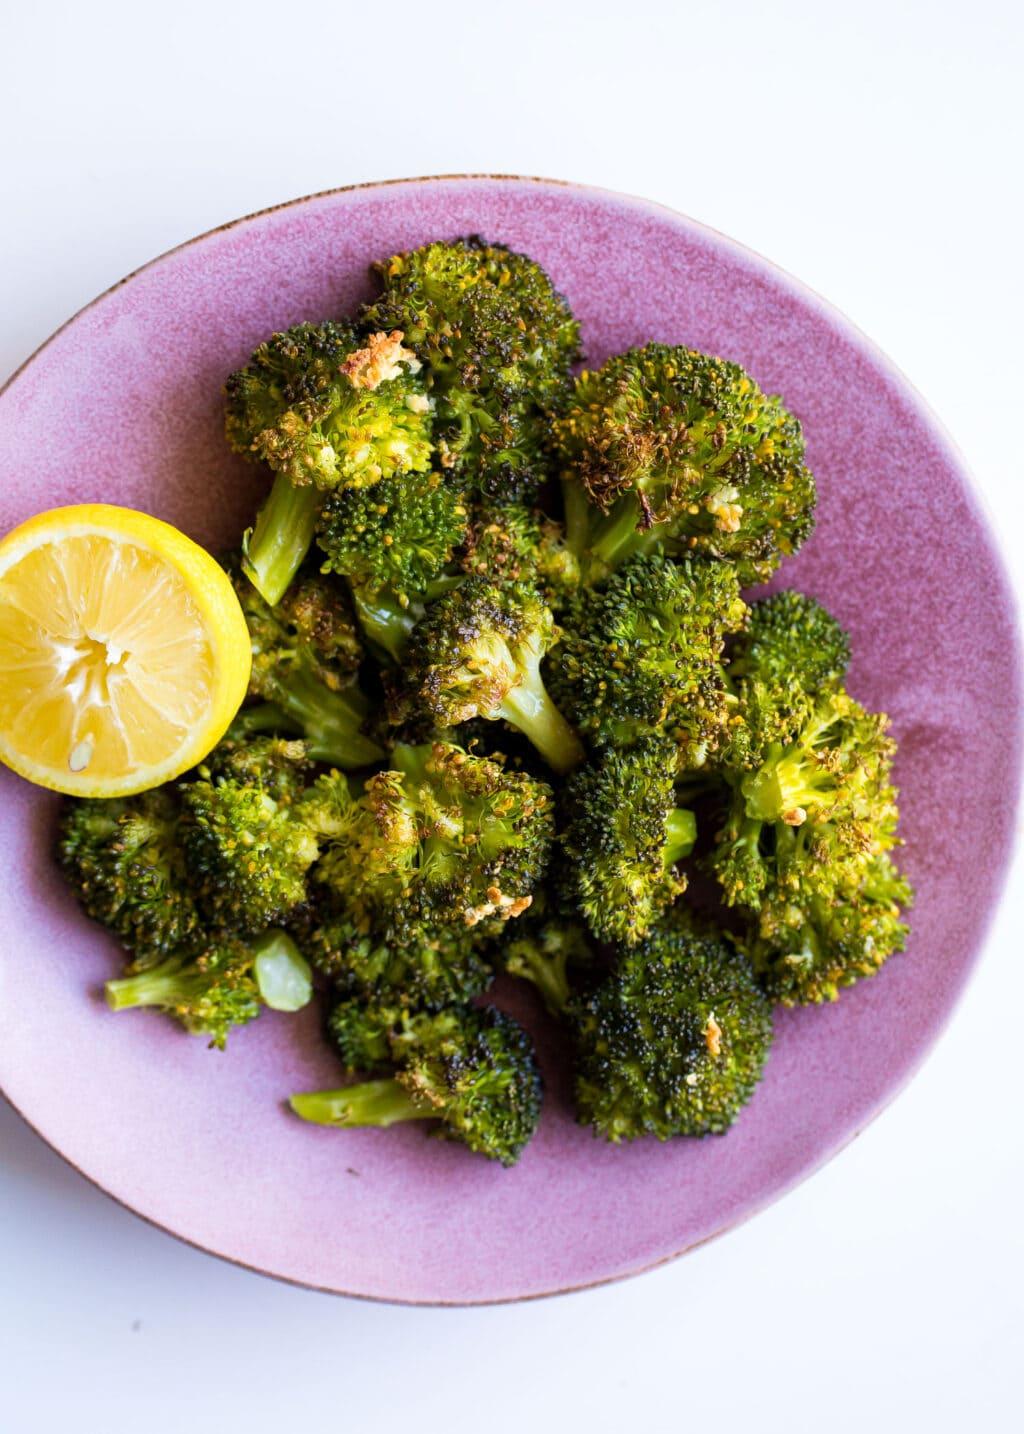 Roasted broccoli on a purple plate with a lemon slice.